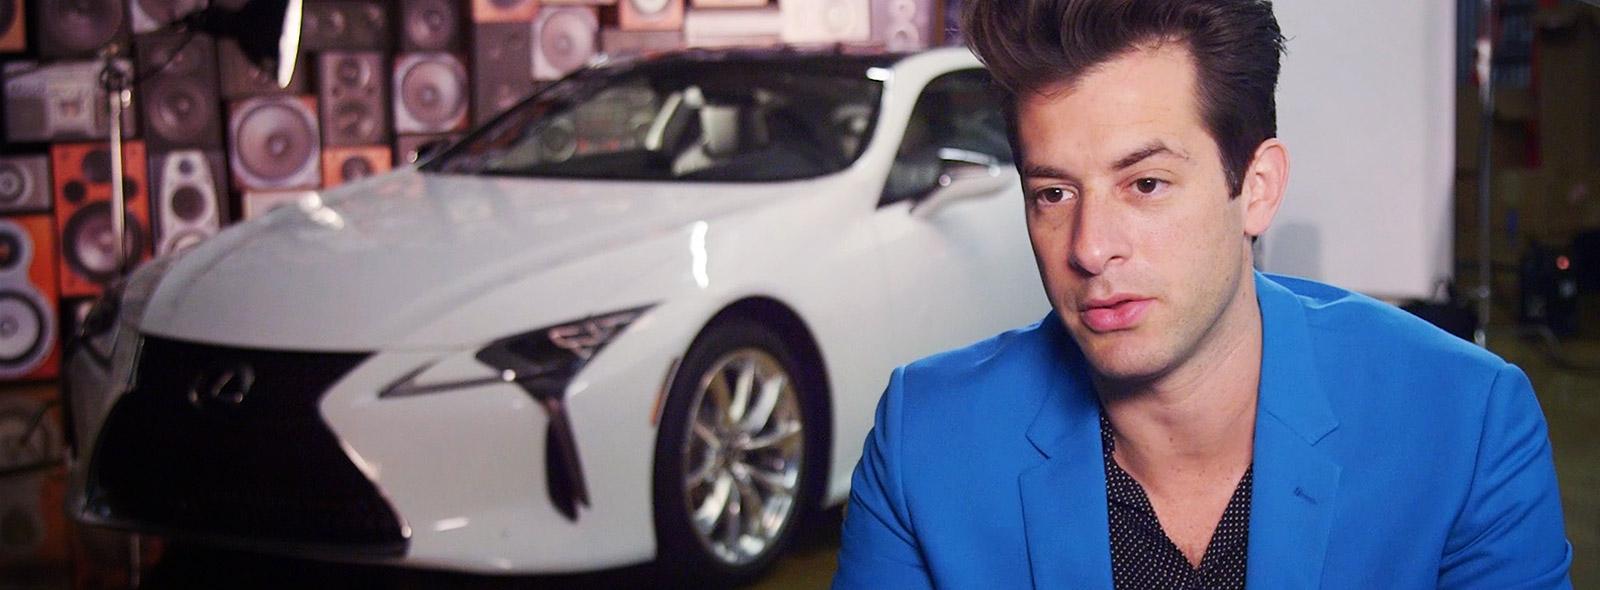 Muziekproducent Mark Ronson zittend op de voorgrond in blauw pak met op de achtergrond een witte Lexus LC driekwart van voren gezien in het kader van de campagne Make Your Mark